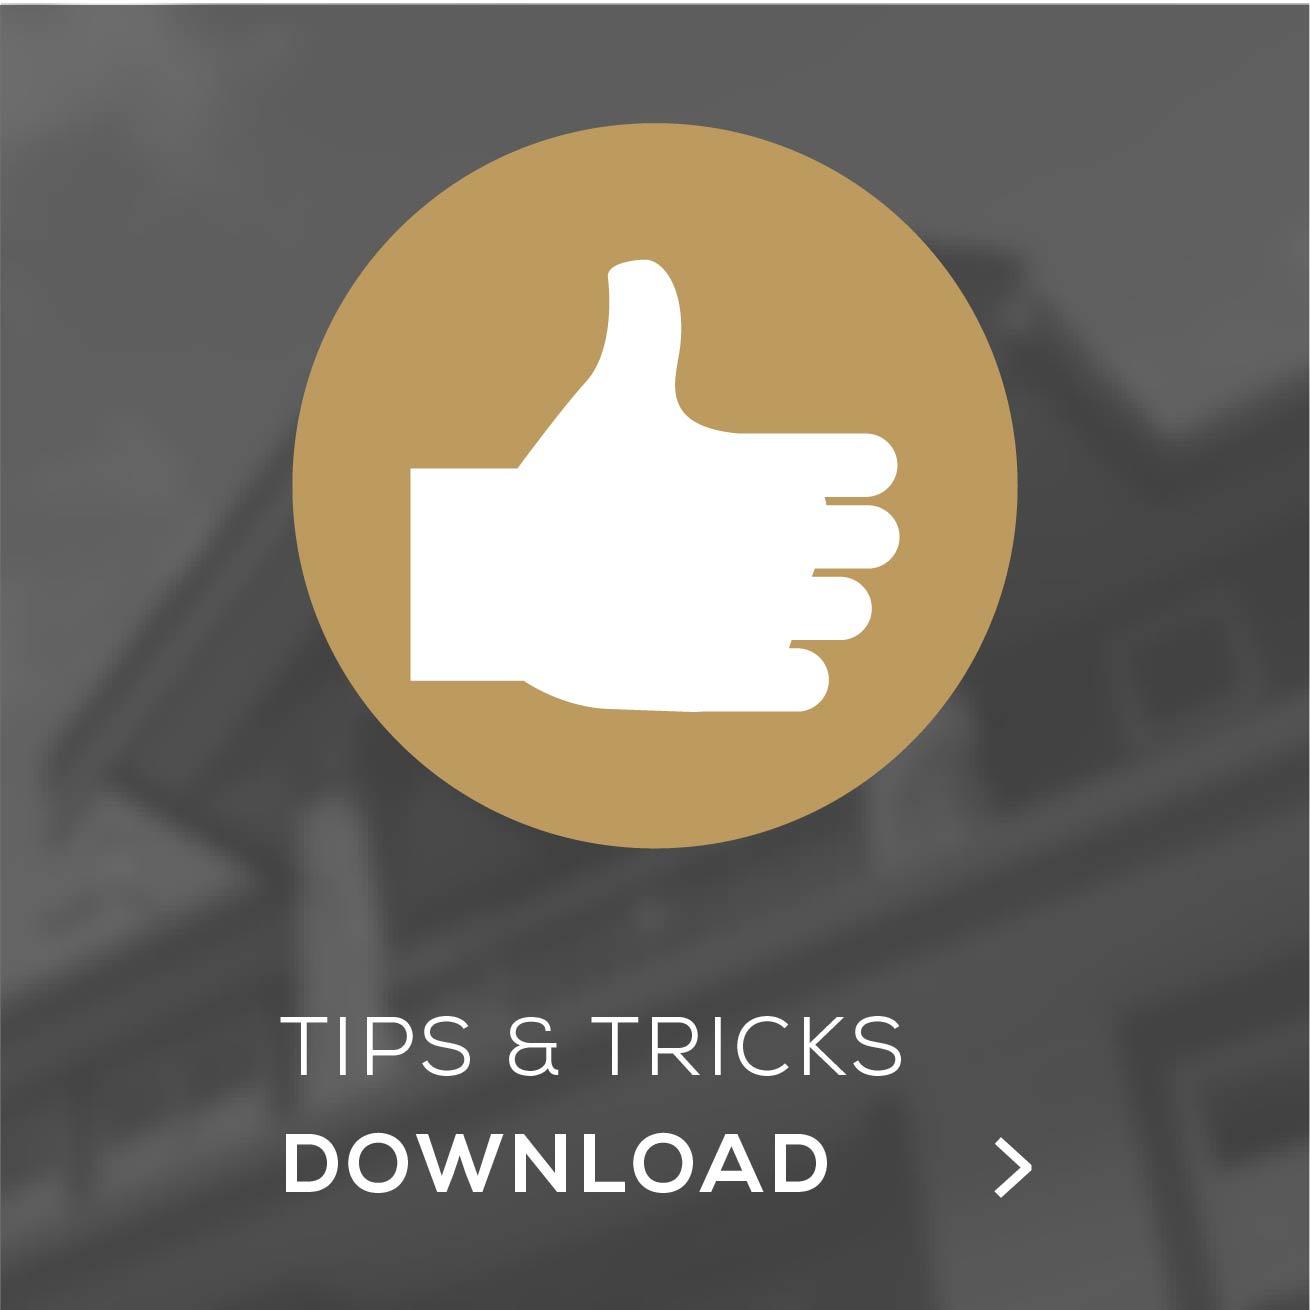 Tips&Tricks-61.jpg